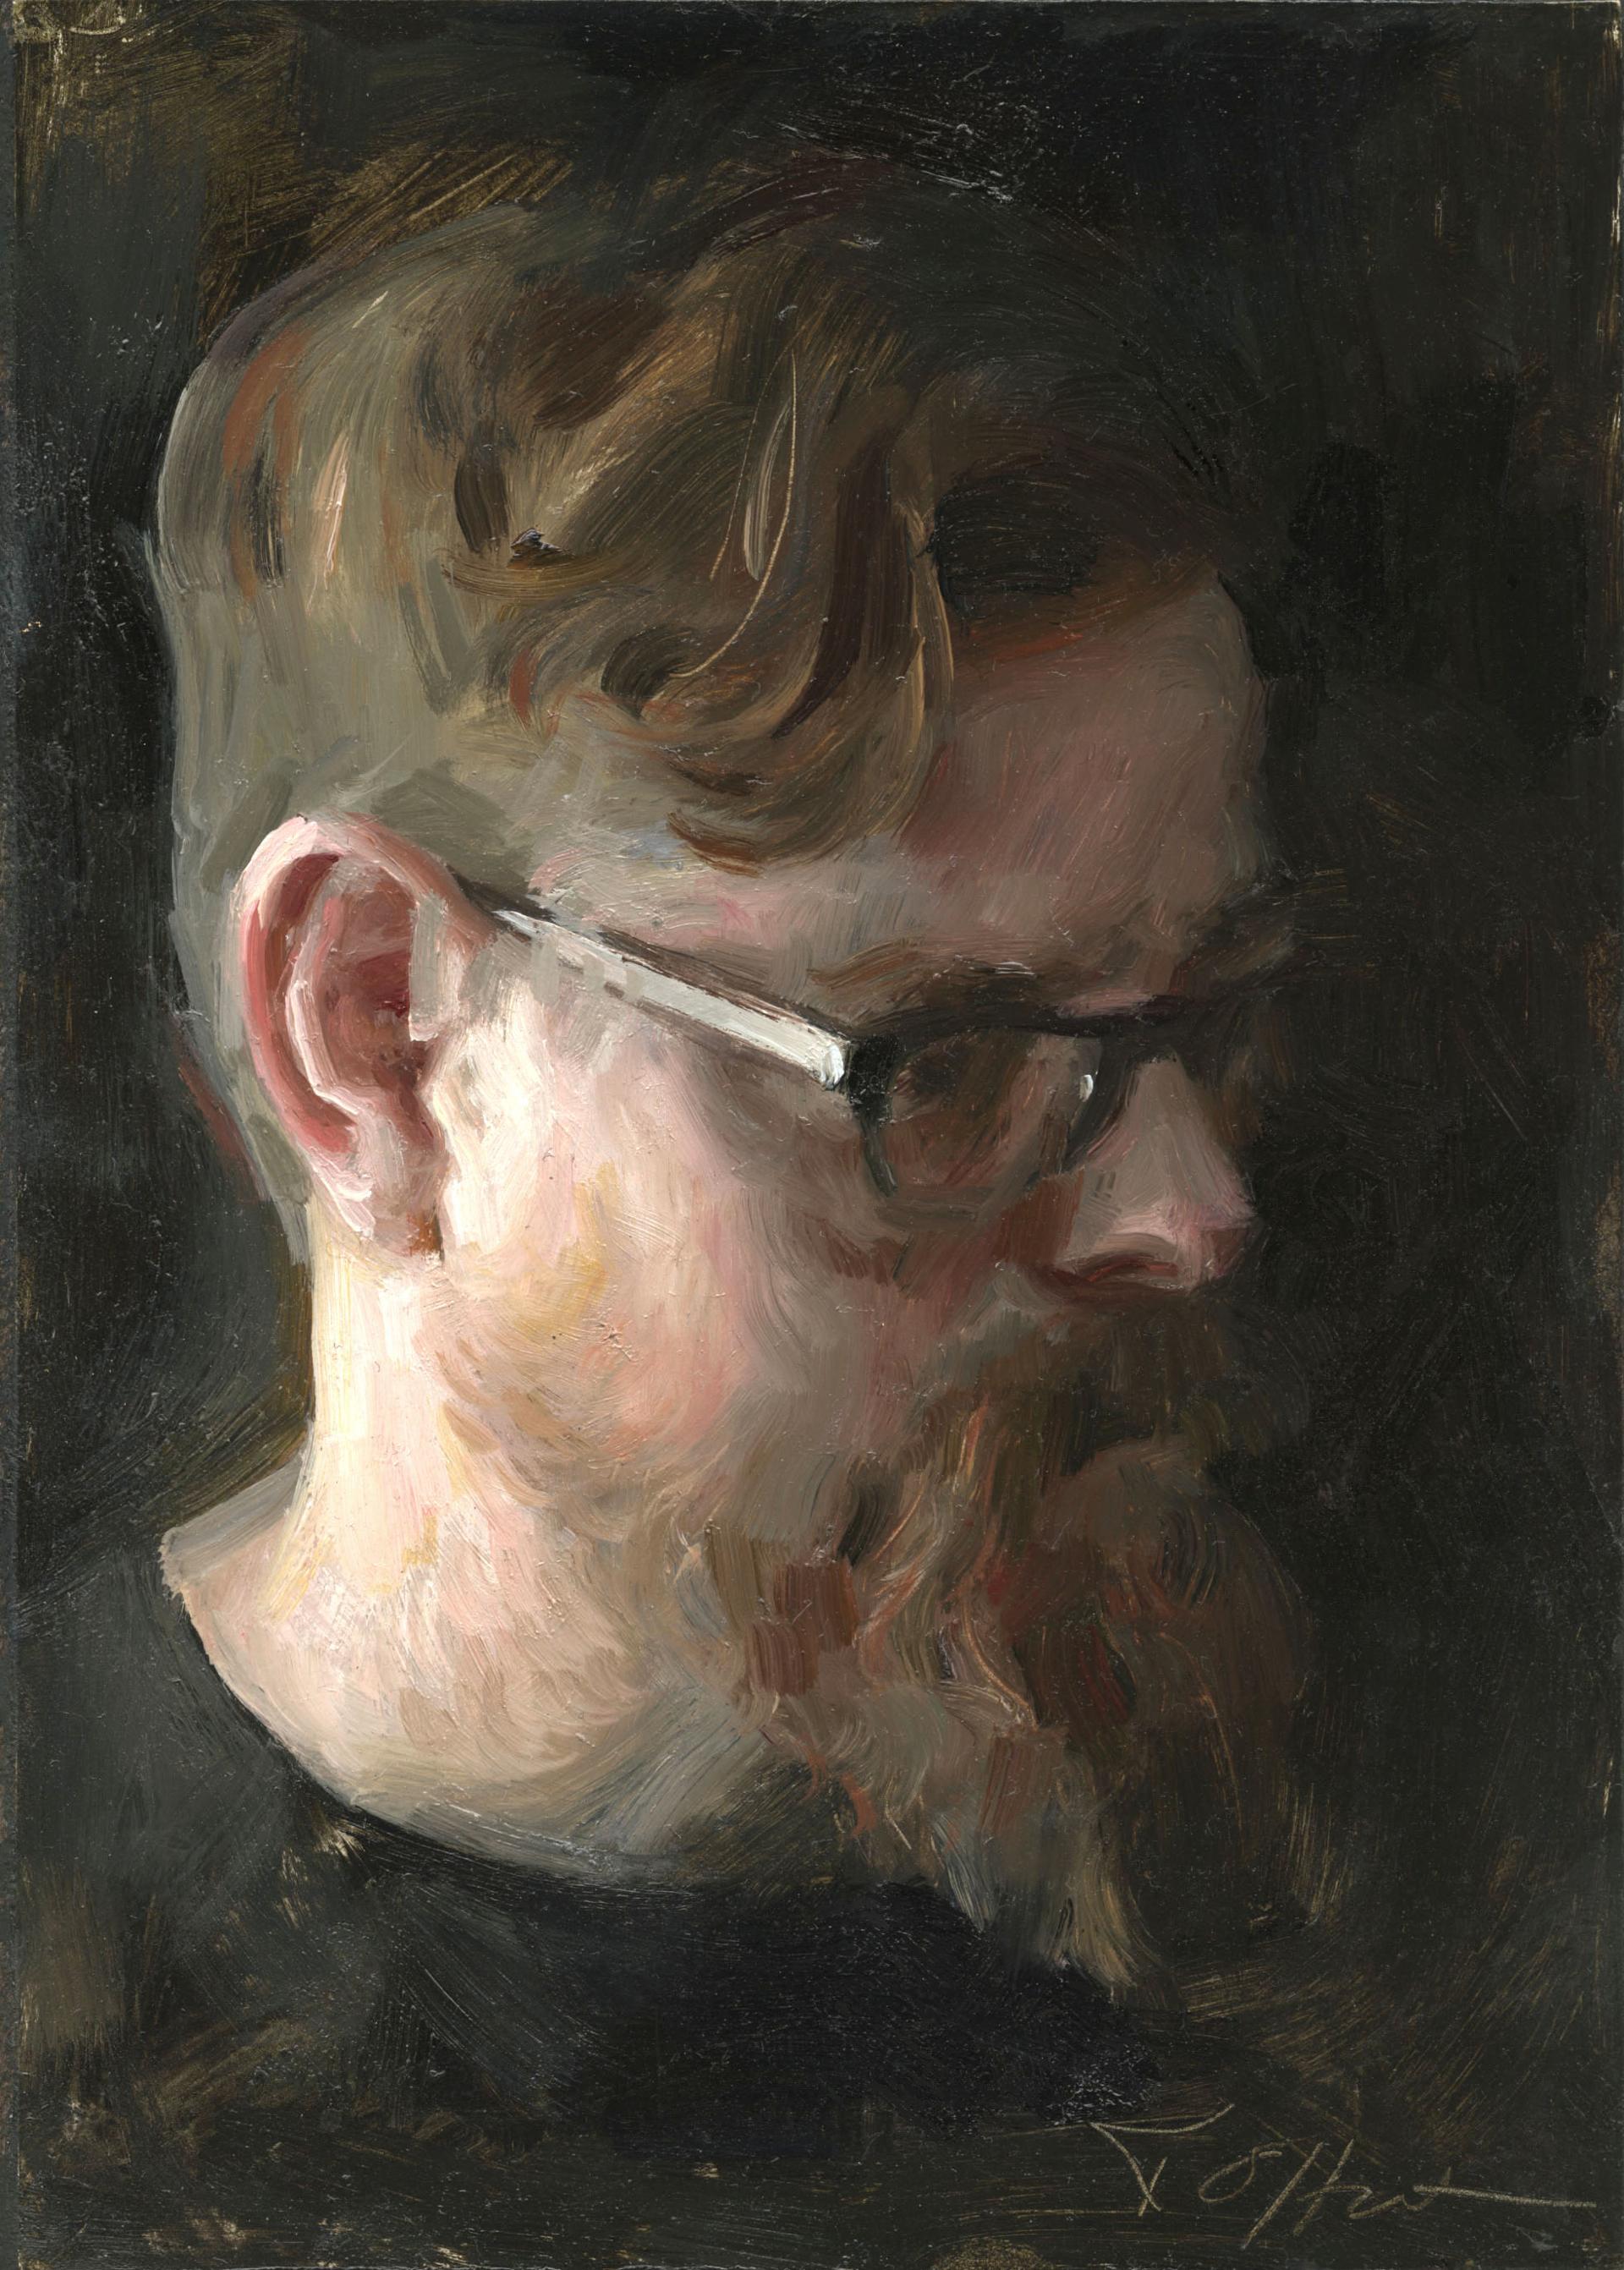 Jason by Karen Offutt